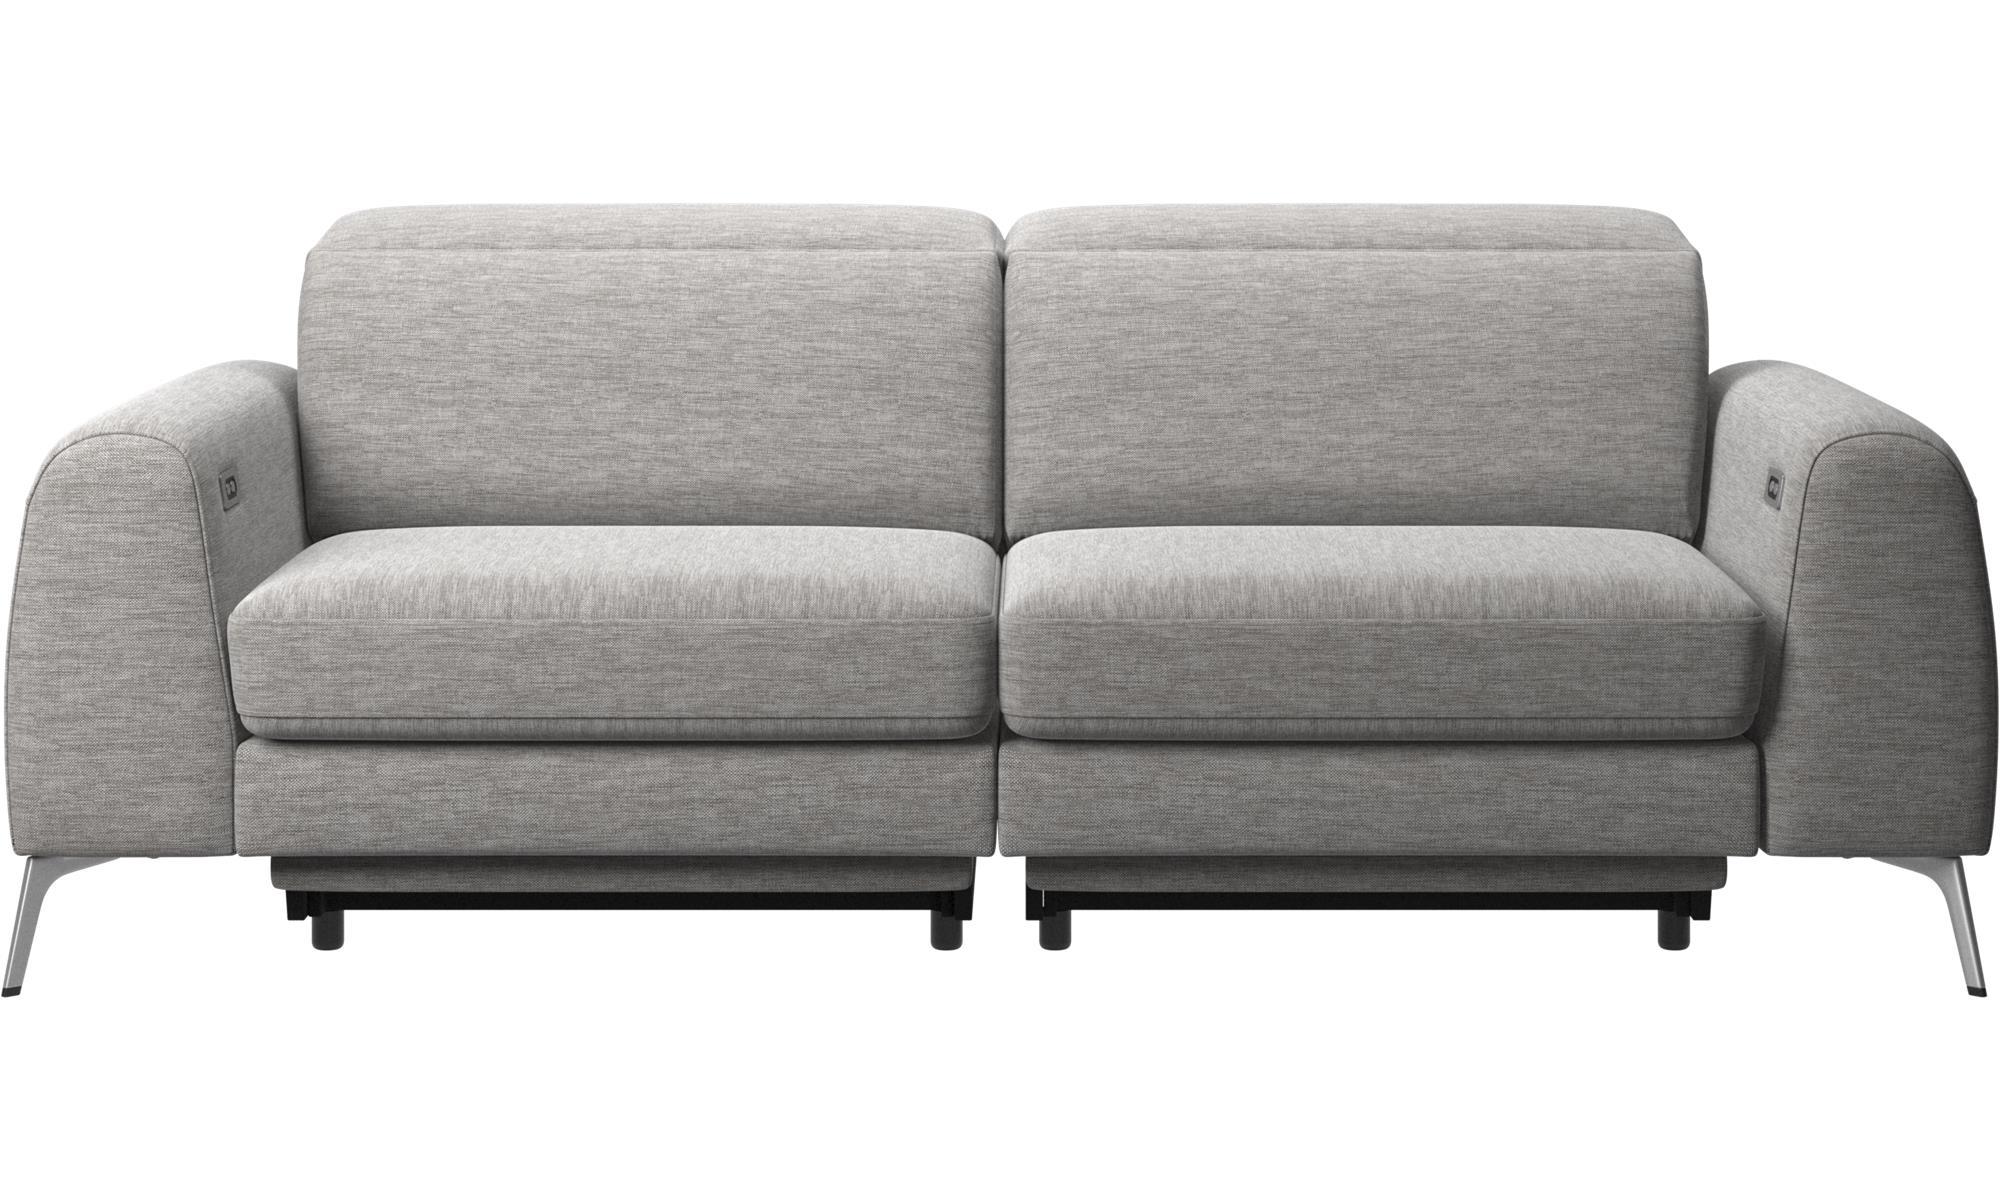 Full Size of Sofa Elektrisch Mit Elektrischer Sitztiefenverstellung Geladen Couch Aufgeladen Was Tun Leder Elektrische Neues Ist Microfaser Ikea Mein Statisch Ausfahrbar Sofa Sofa Elektrisch